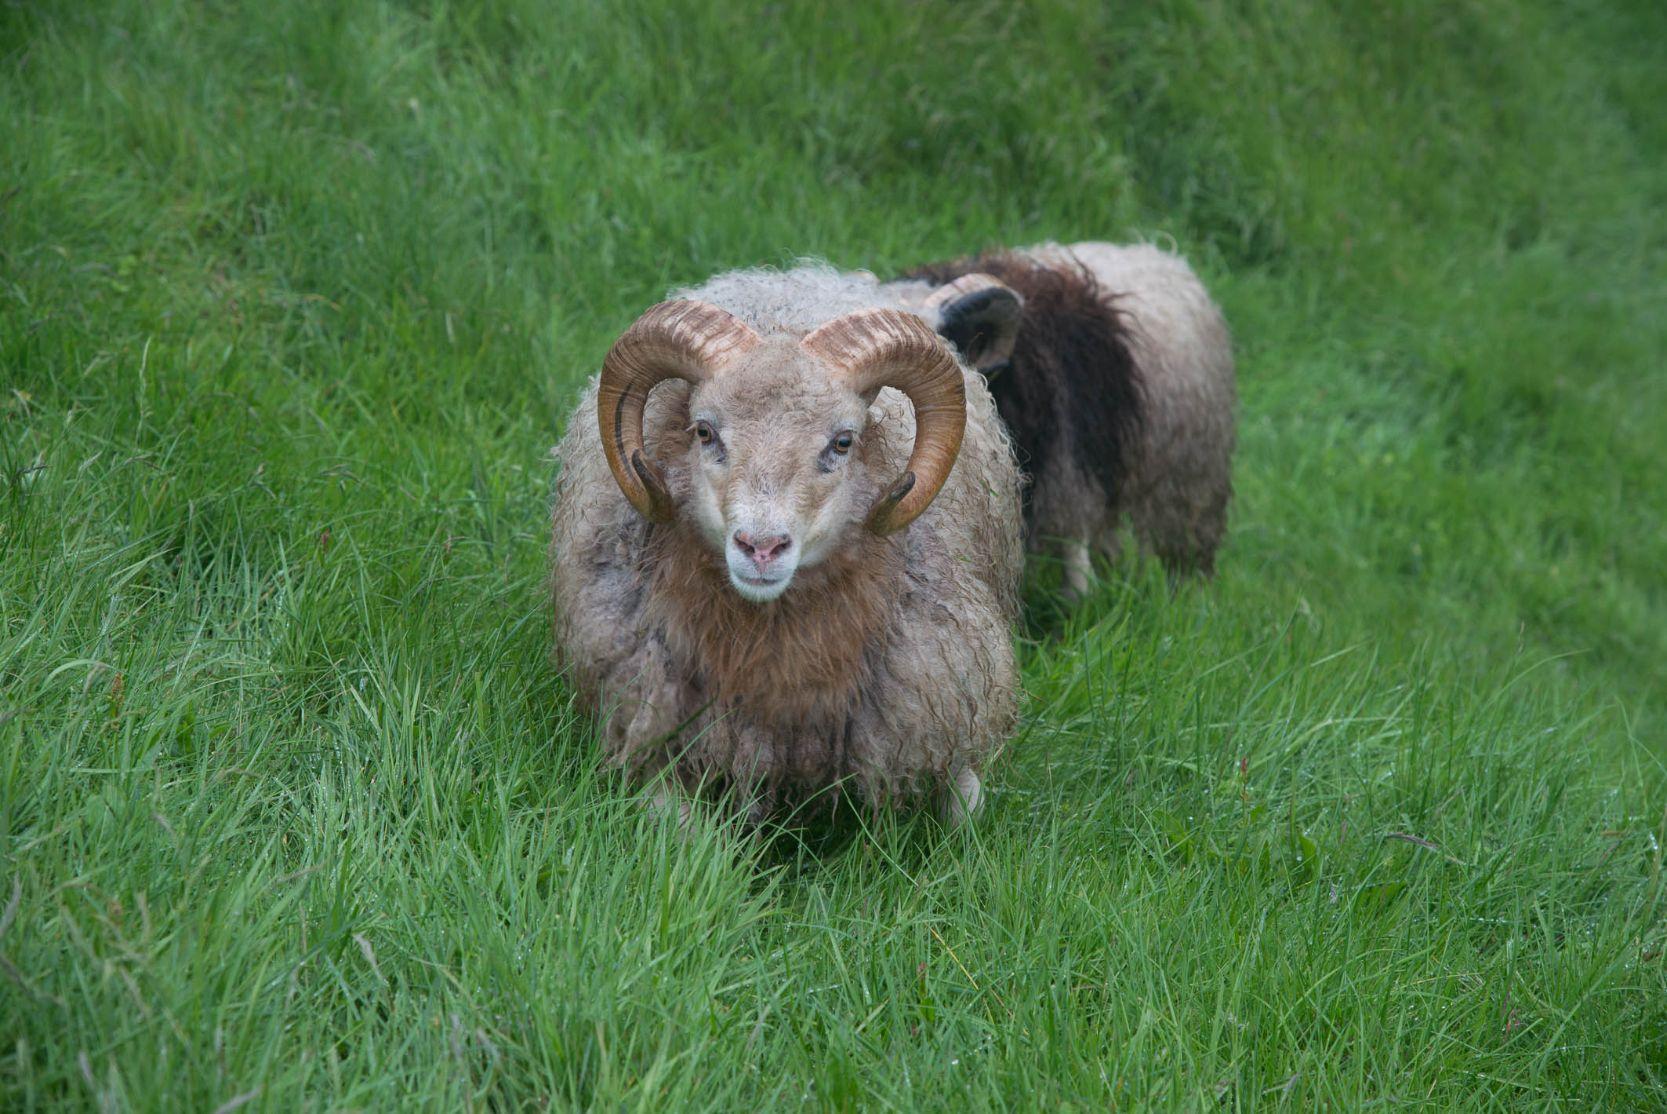 Faerské ostrovy znamenají v doslovném překladu Ovčí ostrovy a na rozdíl od lidí potkáte ovce všude na ostrovech